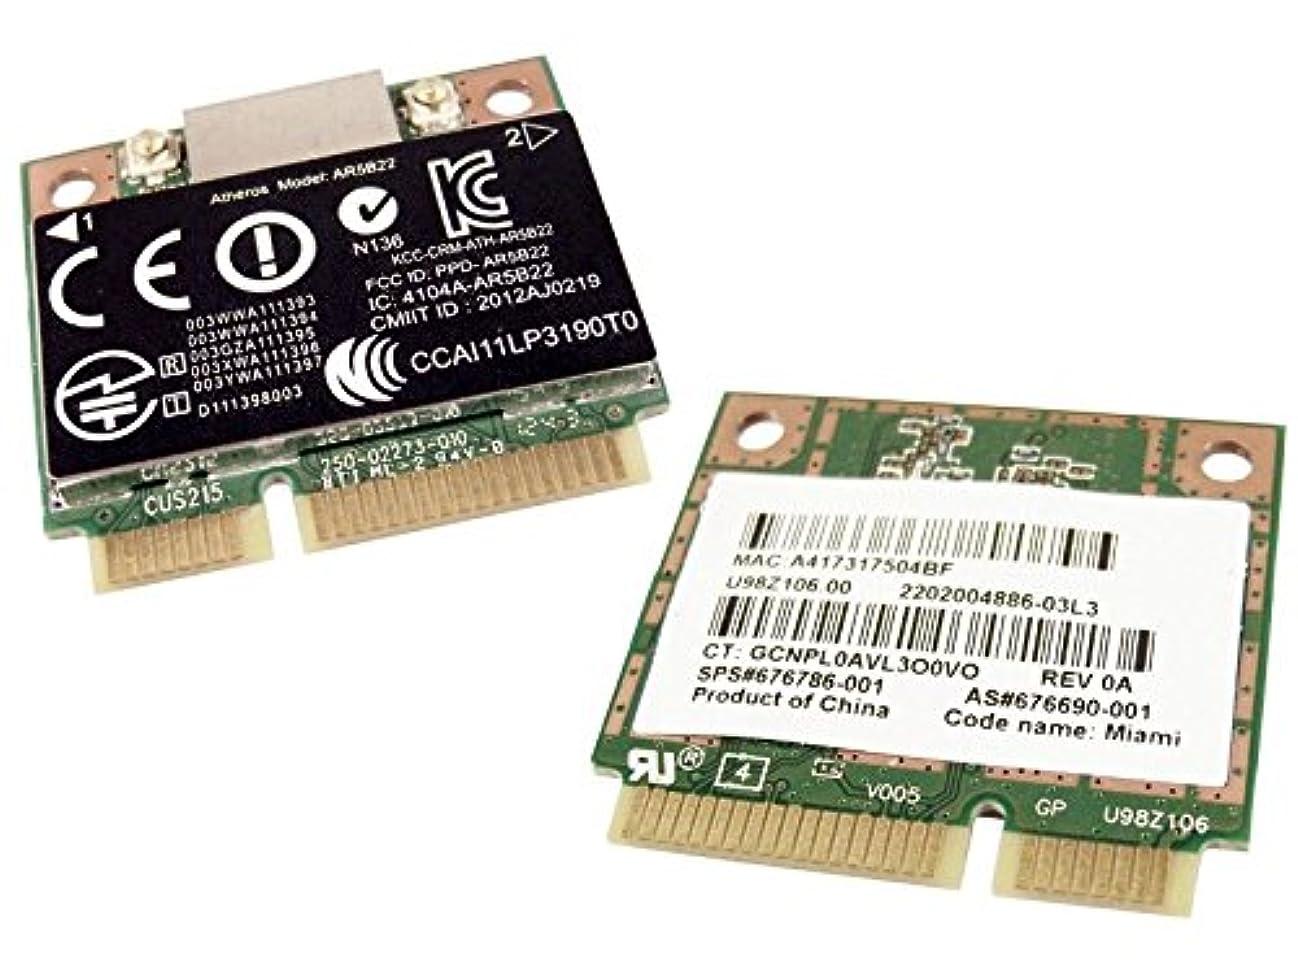 チャペル割る虚偽HP純正 676786-001 + 汎用 Atheros AR5B22 WB222 AR9462 - WiFi 2.4/5GHz 2x2 802.11 a/b/g/n + Bluetooth 4.0 + HS 無線LANカード